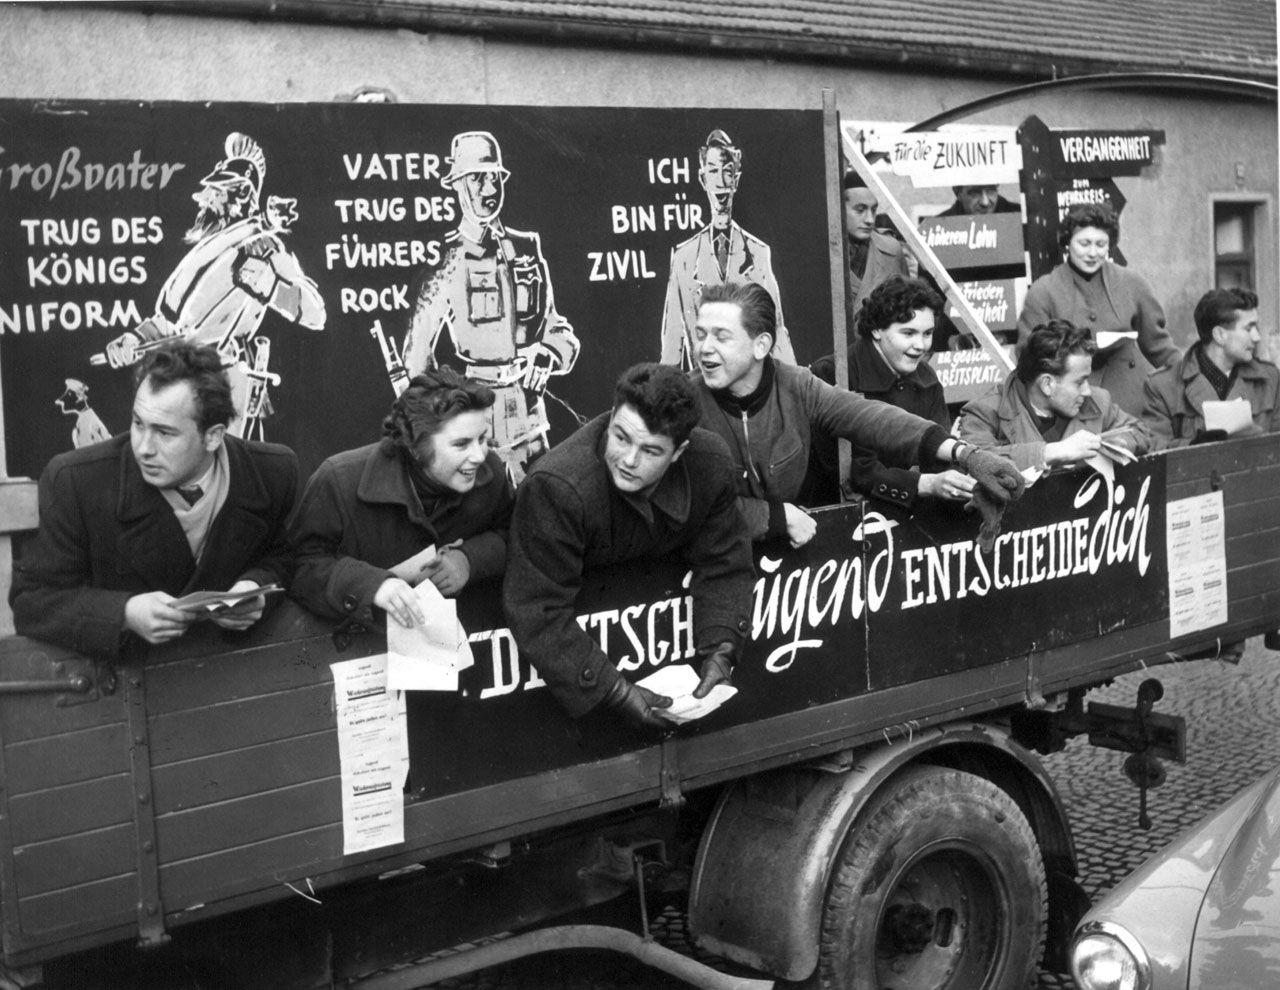 »Ich bin für Zivil«: Die bayerische Gewerkschaftsjugend demonstriert im November 1954 in München gegen die geplante Wiederbewaffnung der Bundesrepublik. (picture alliance/dpa)